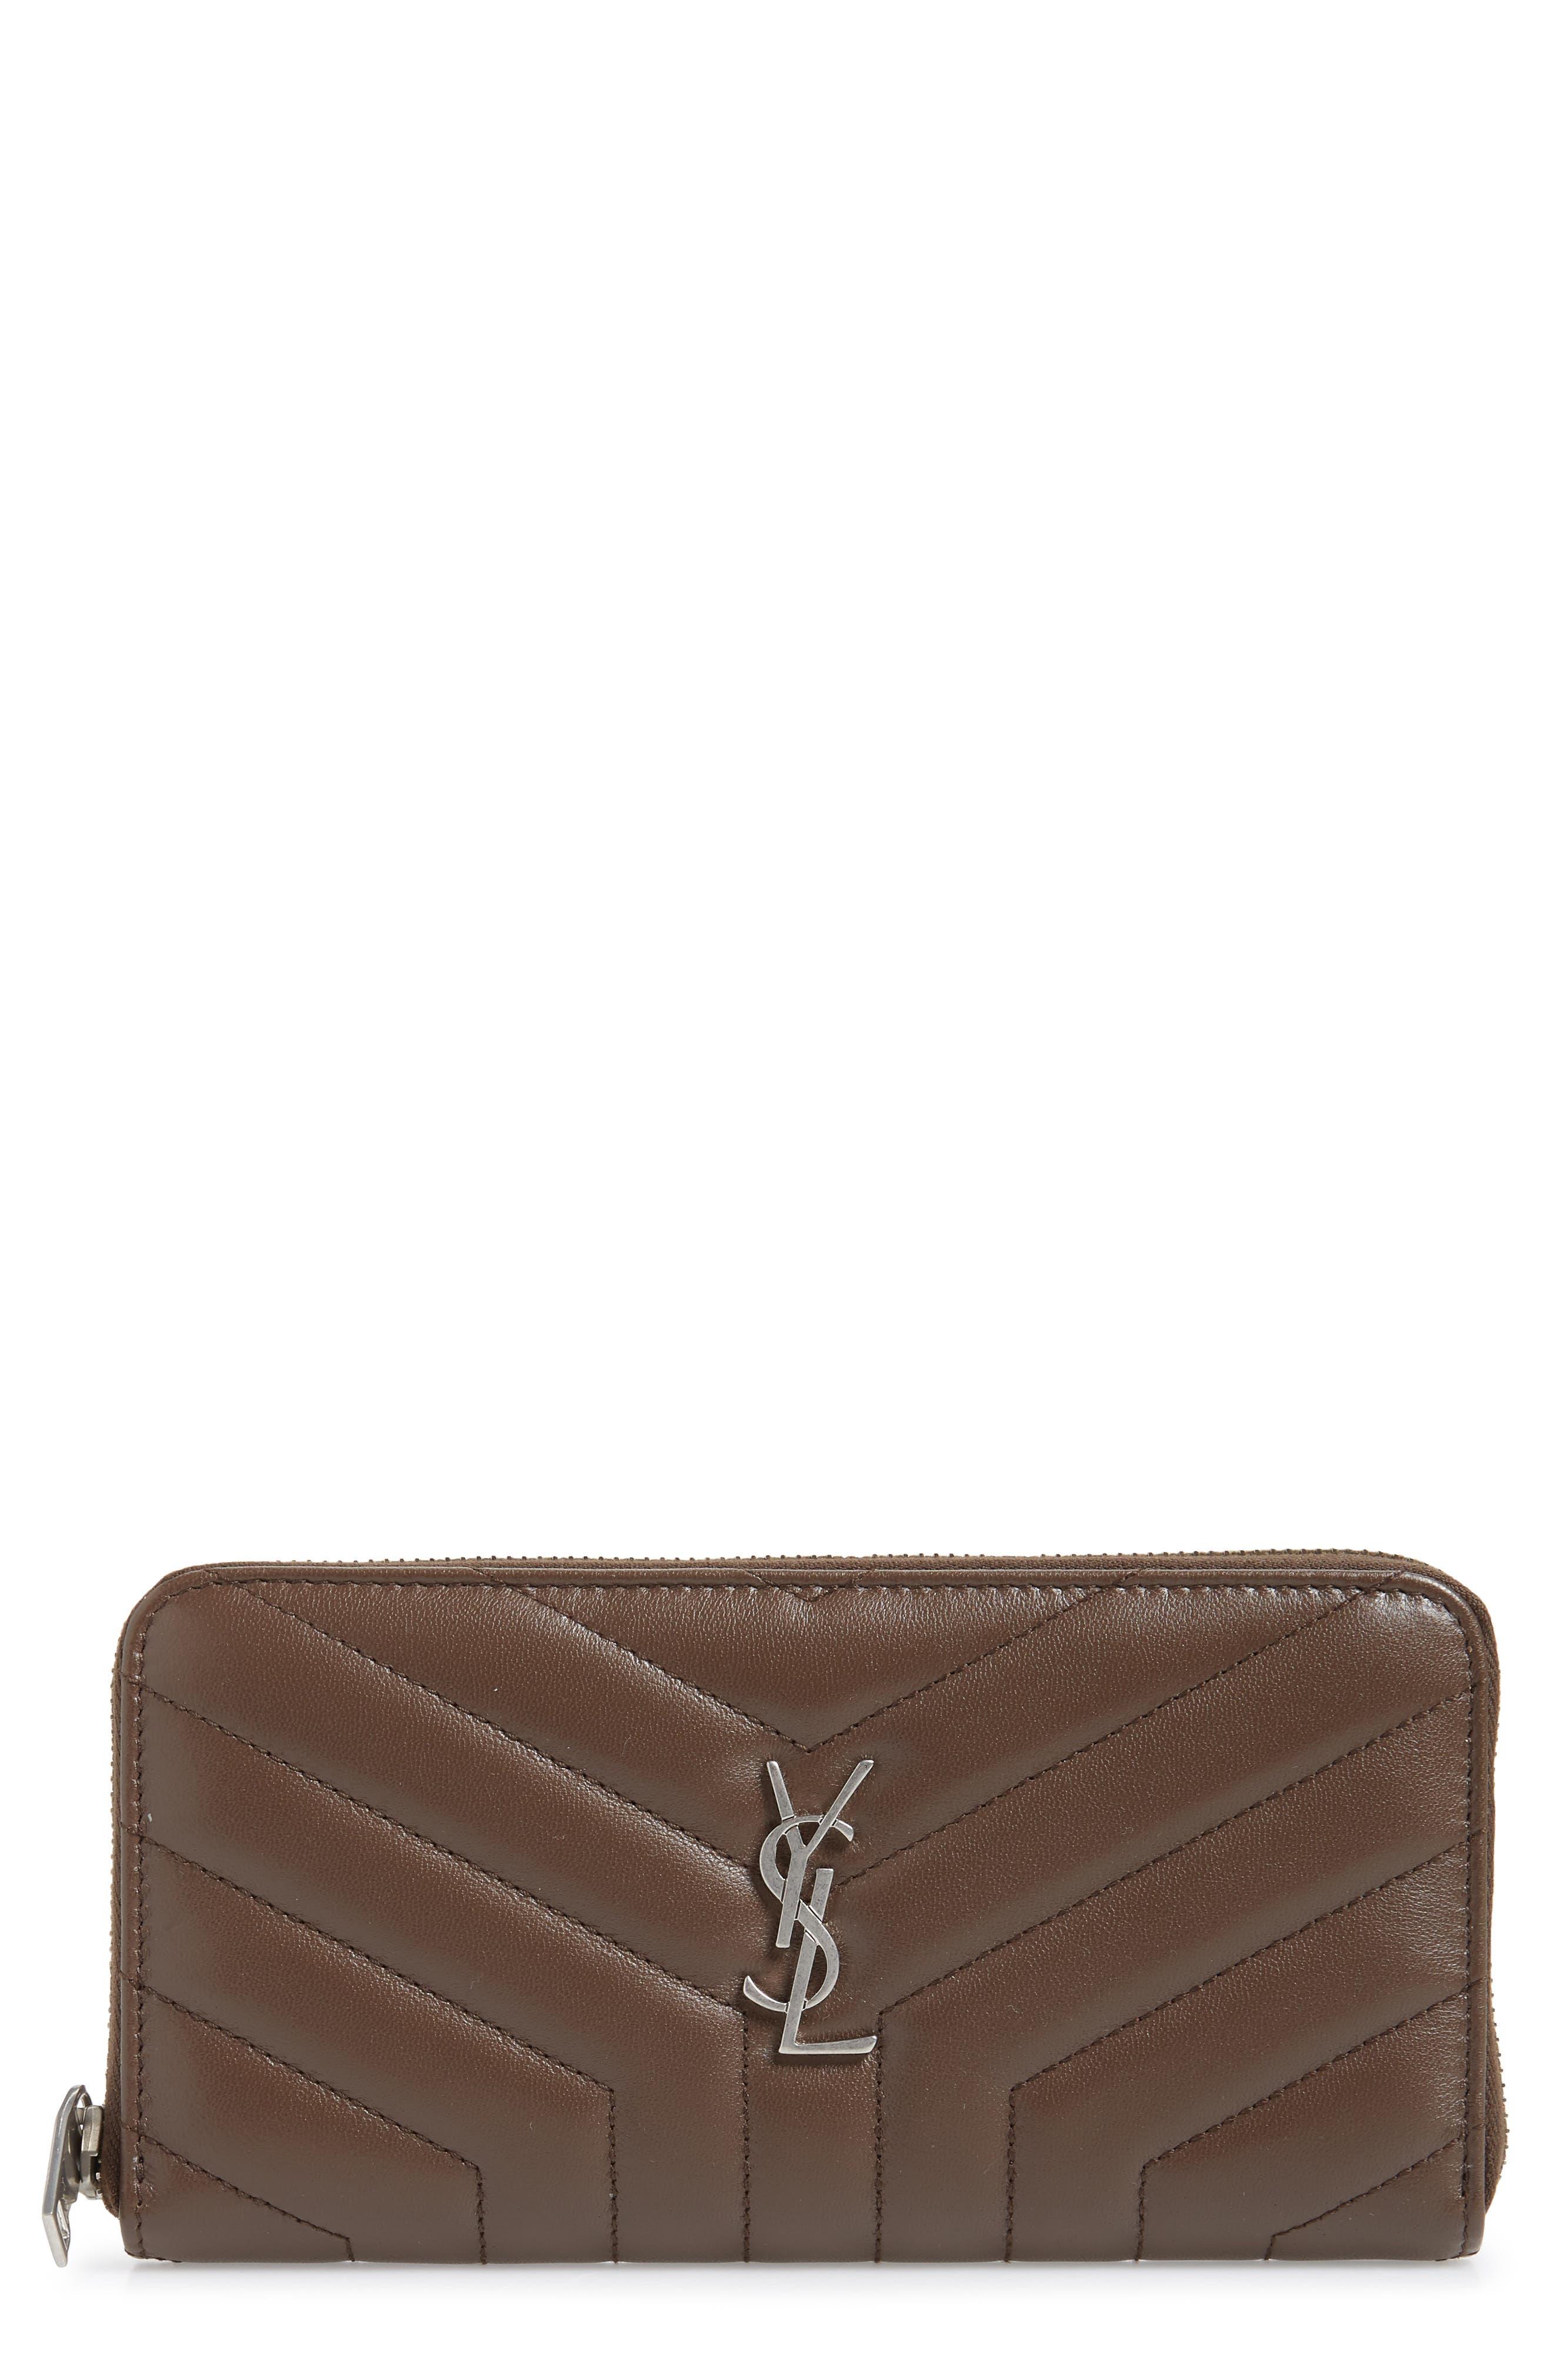 SAINT LAURENT, Loulou Matelassé Leather Zip-Around Wallet, Main thumbnail 1, color, FAGGIO